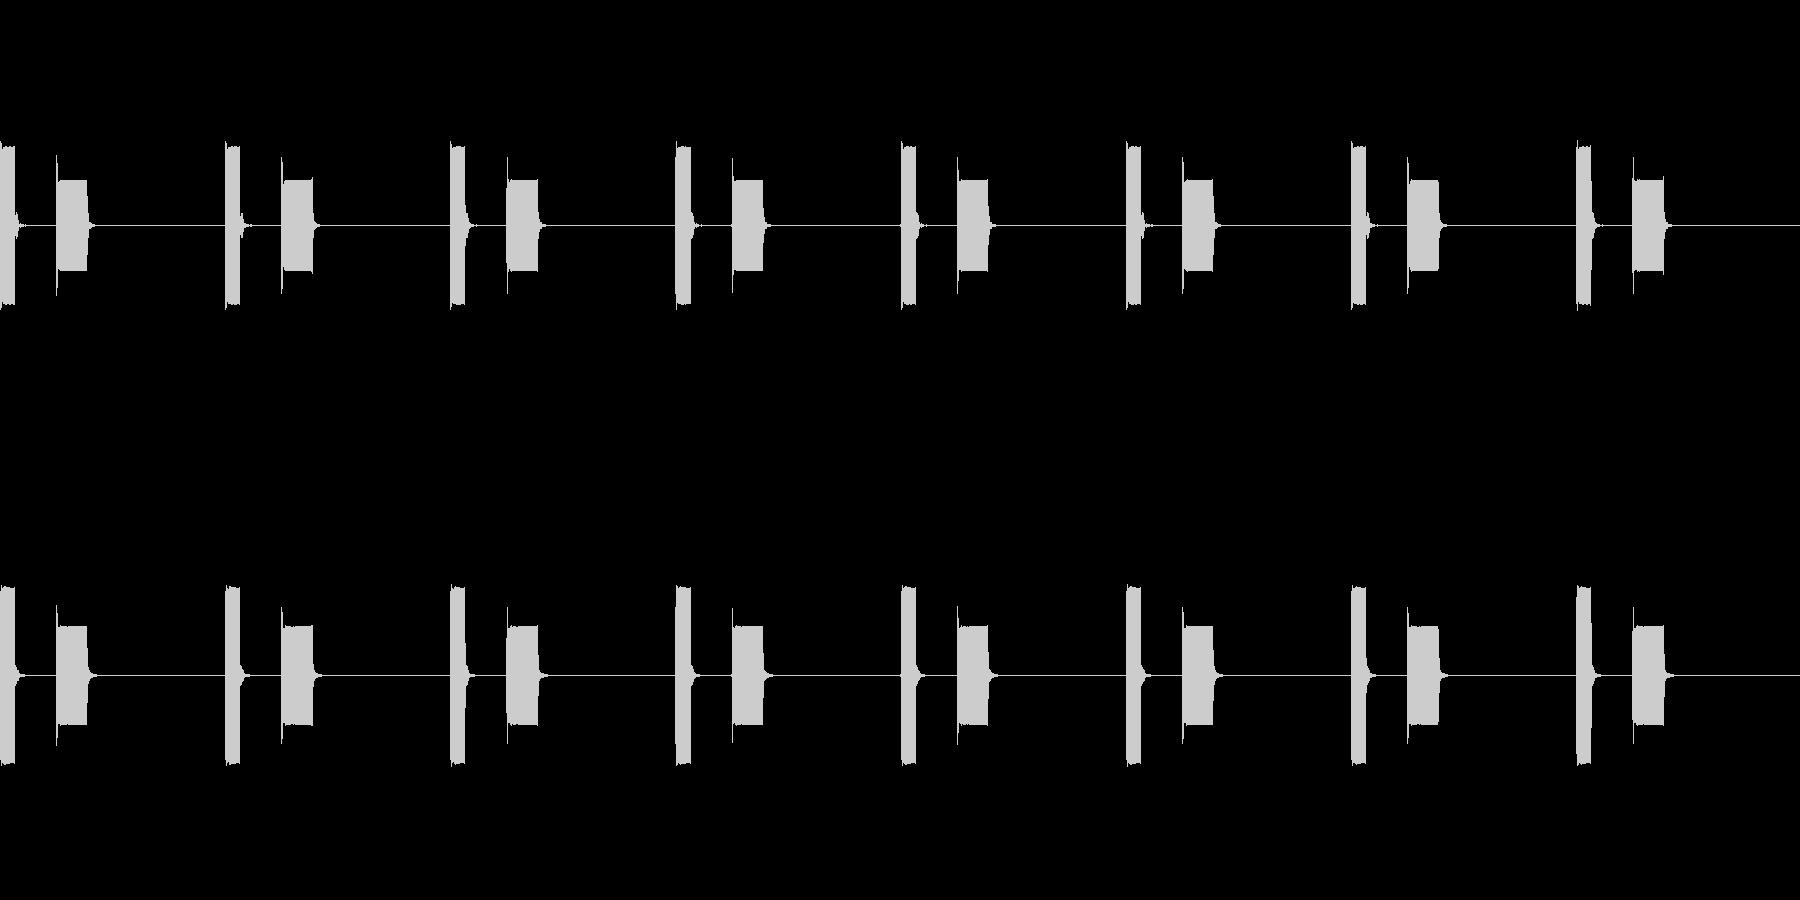 【誘導音 横断歩道01-1L】の未再生の波形